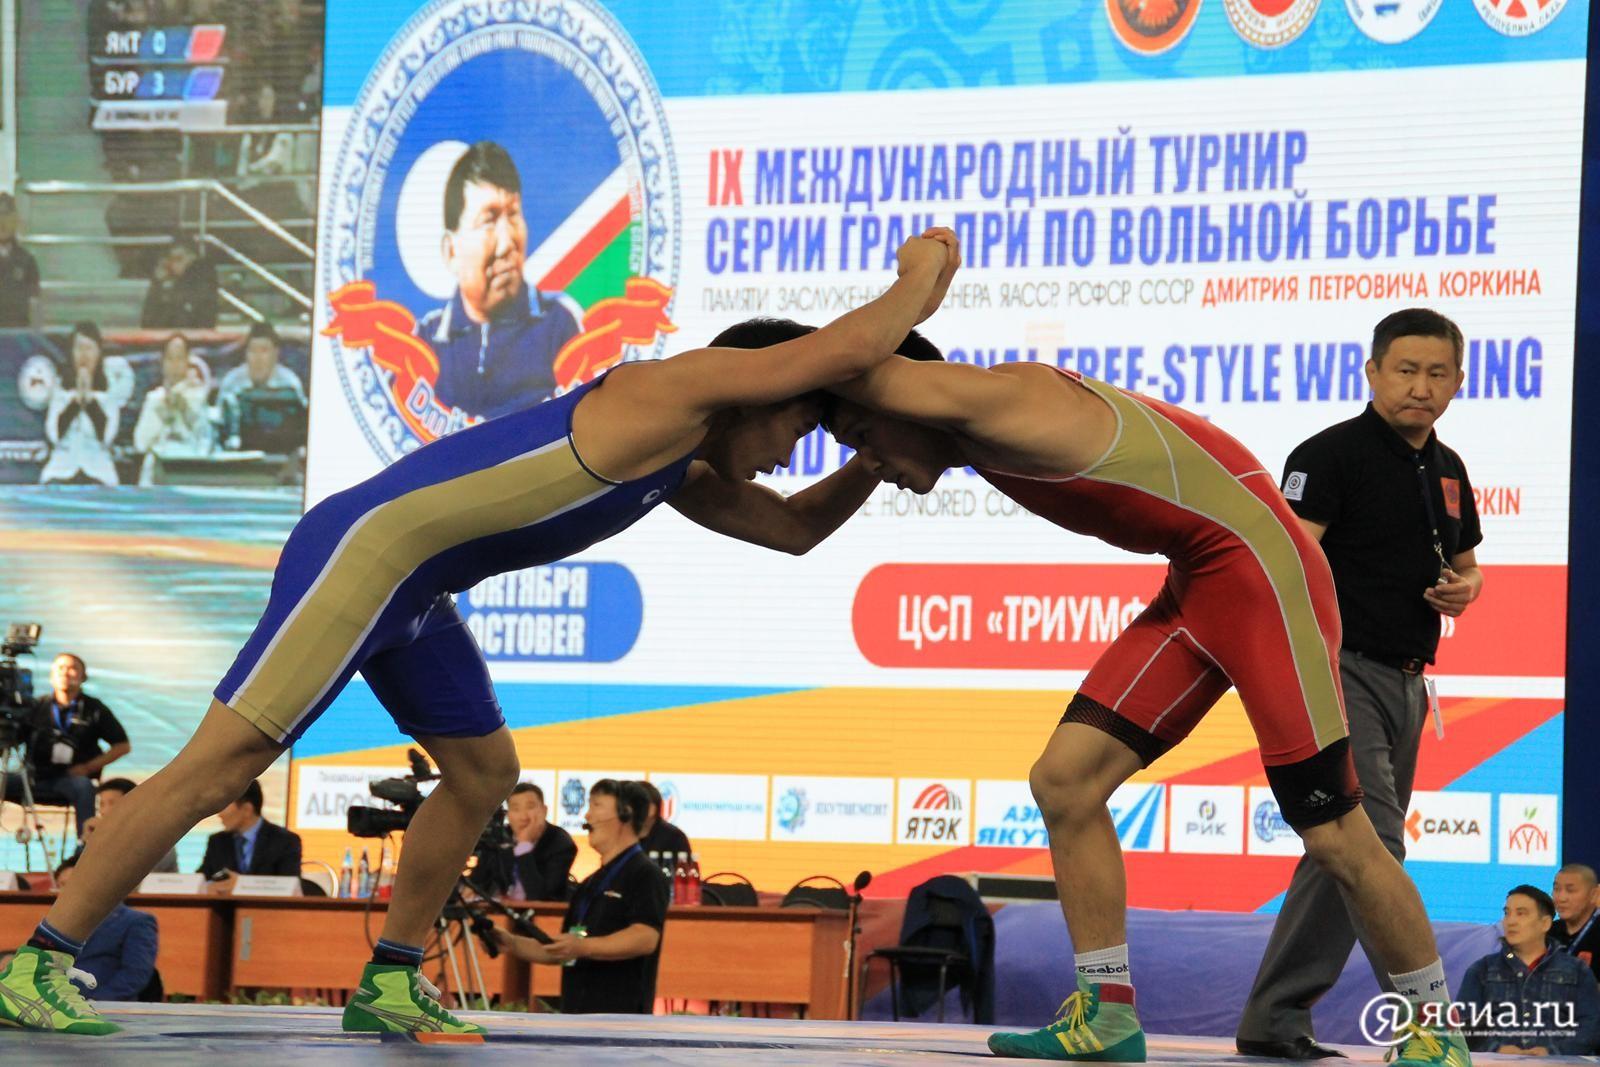 Федерация спортивной борьбы определила даты проведения турниров Романа Дмитриева и Дмитрия Коркина